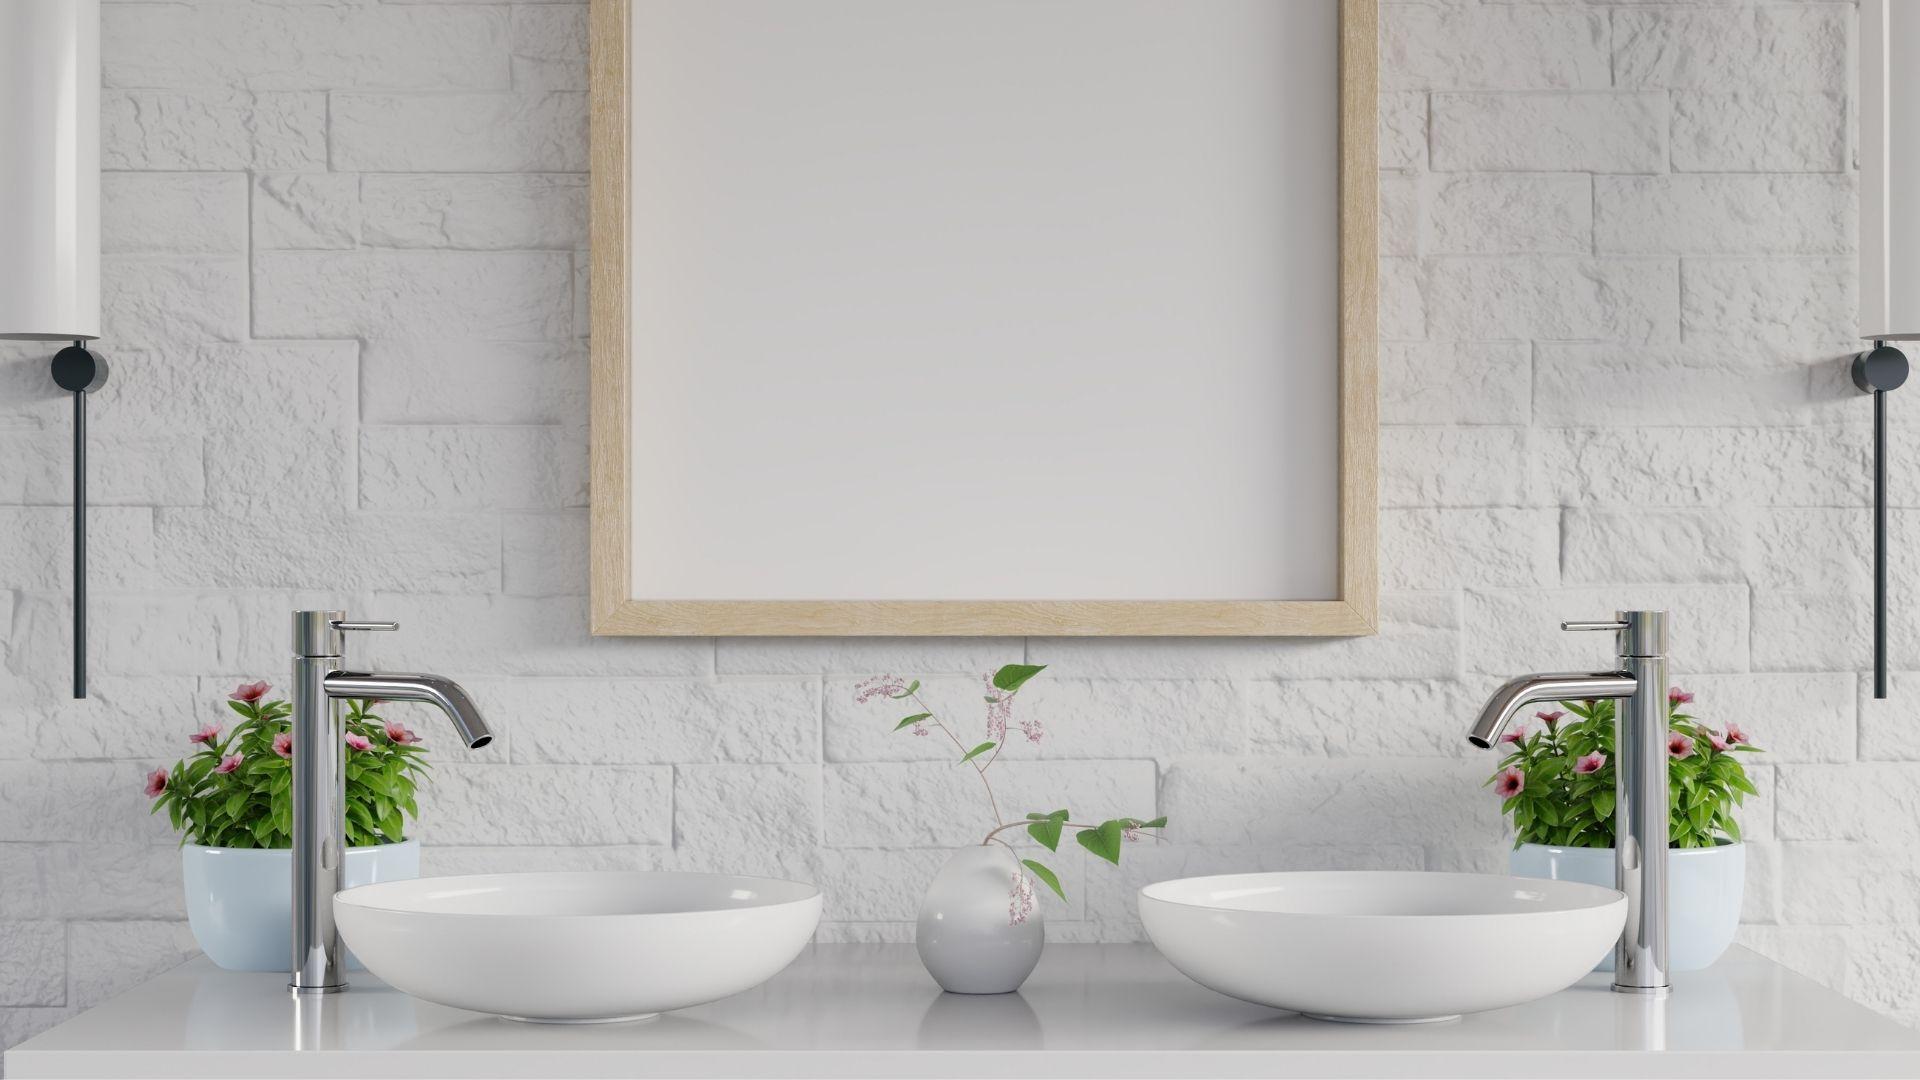 dekoracje do łazienki na ścianę